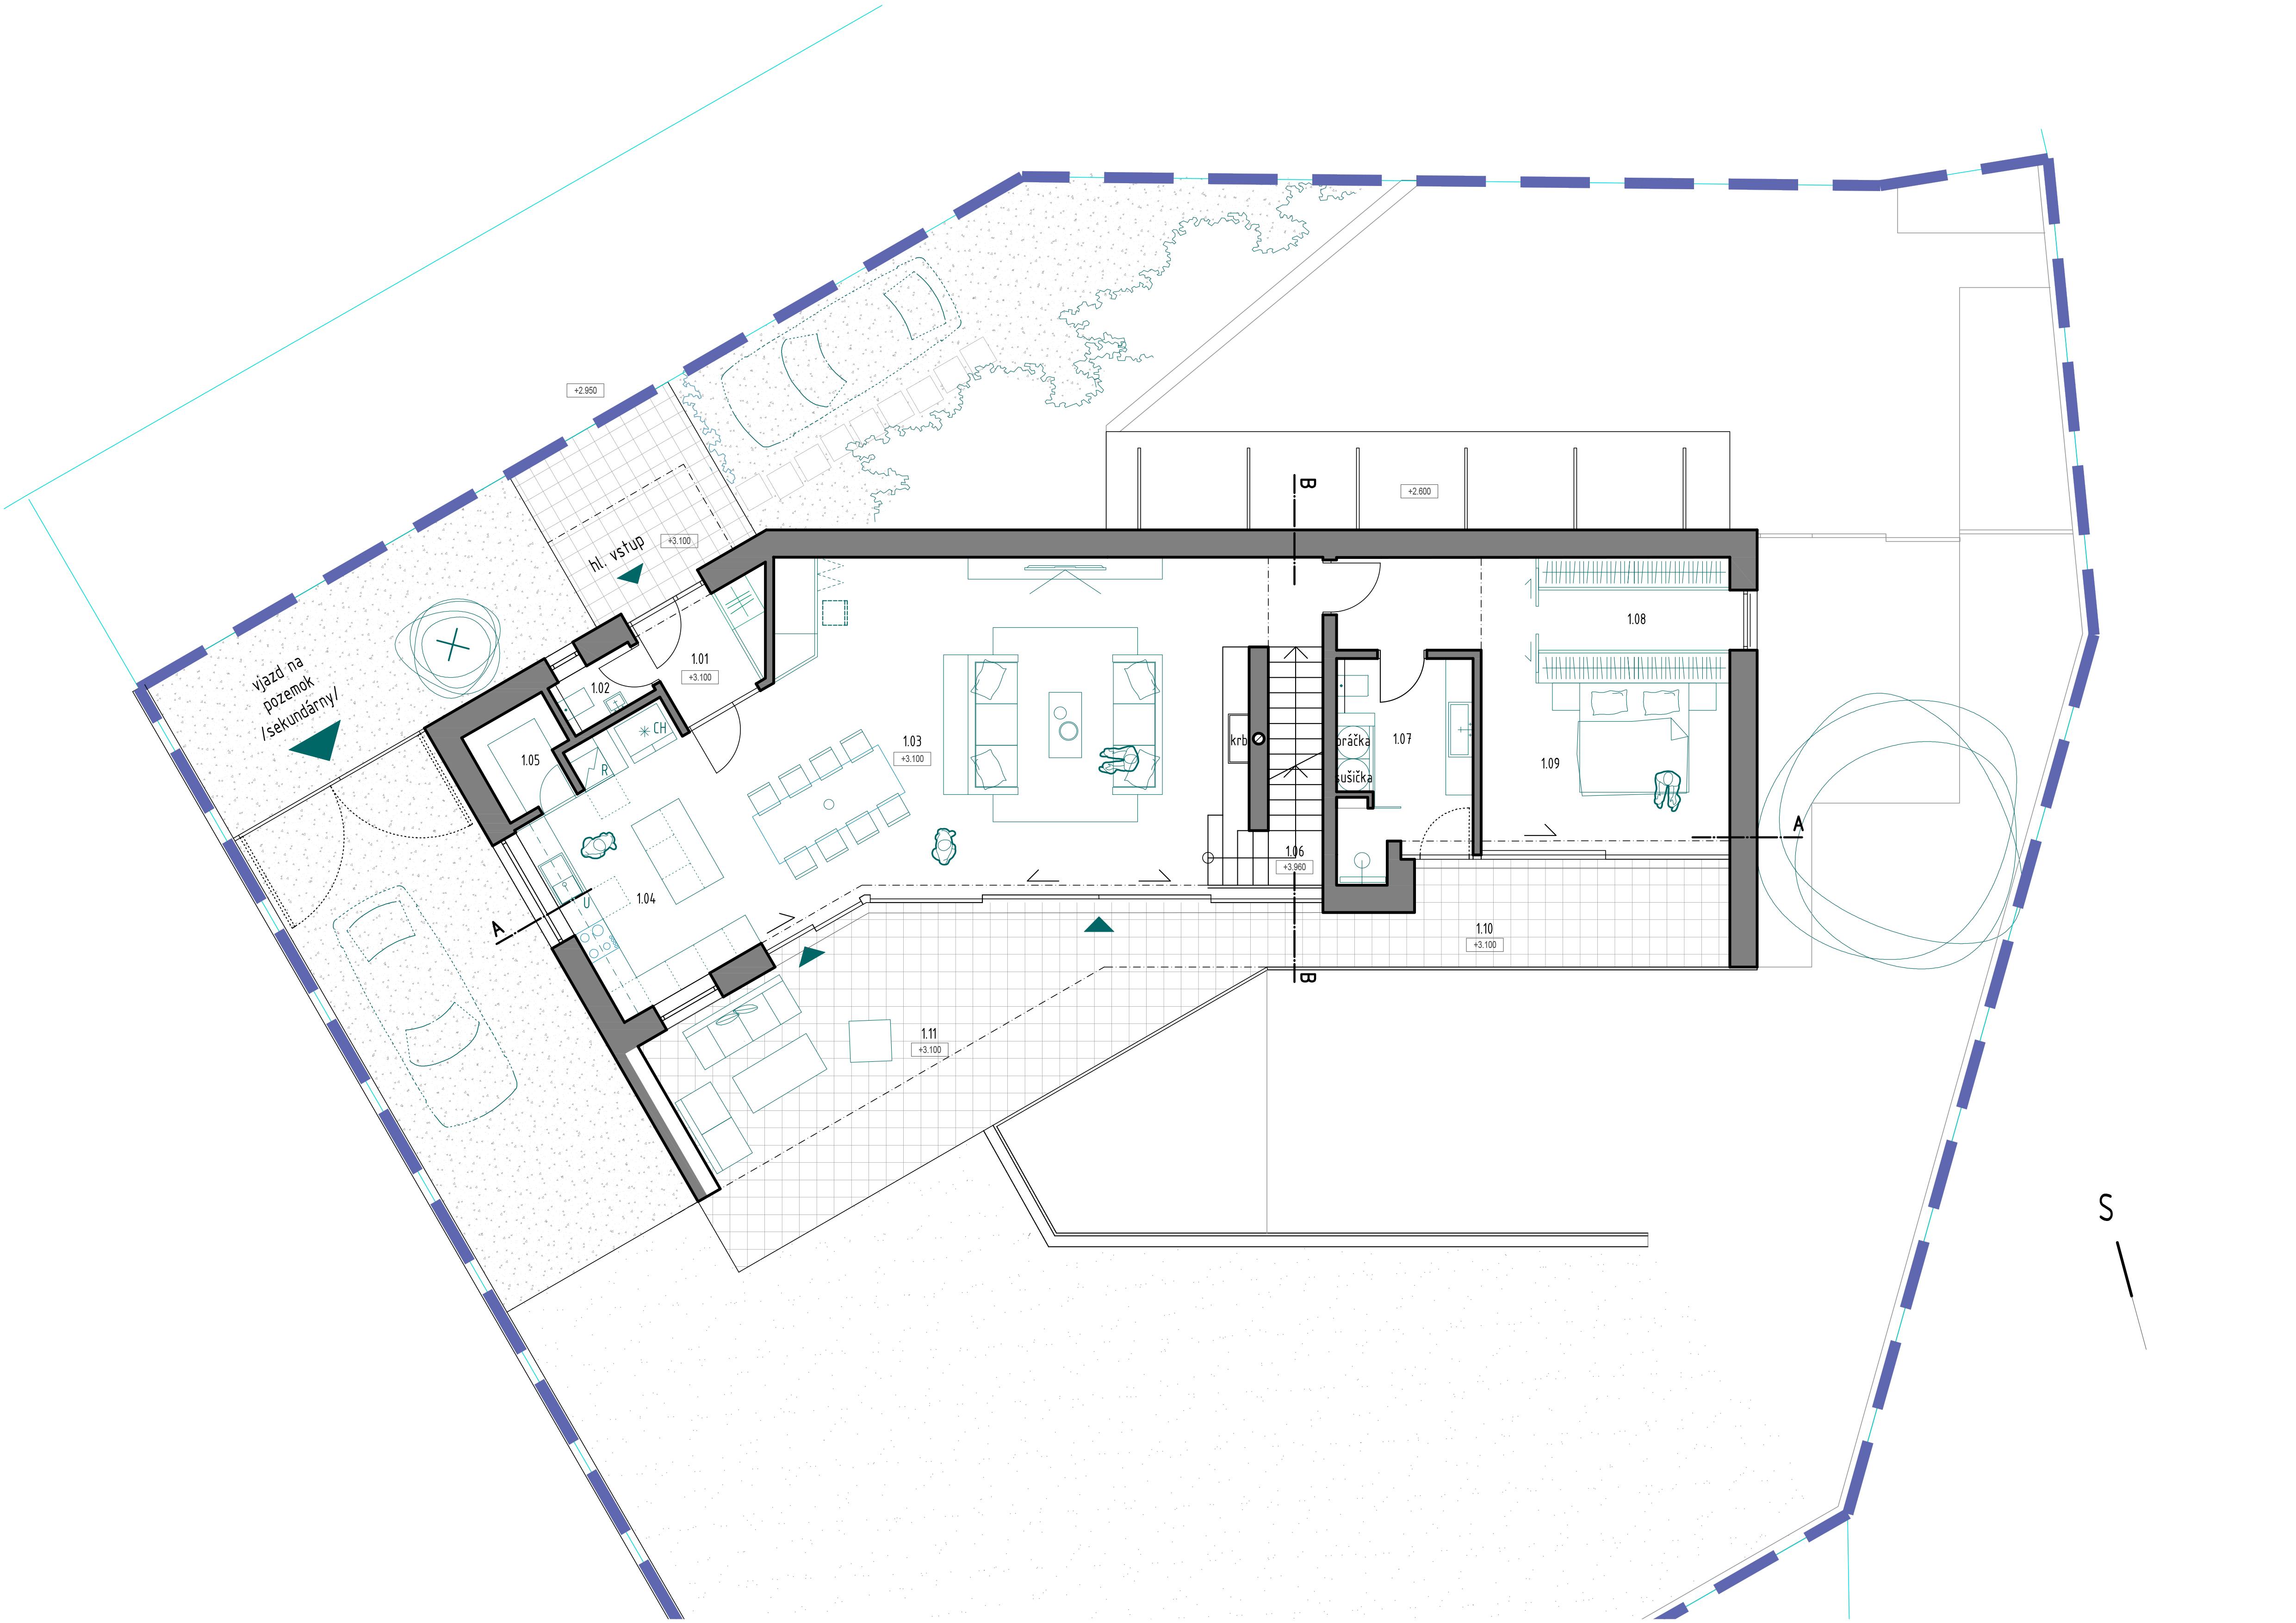 projekty domov do mierneho svahu